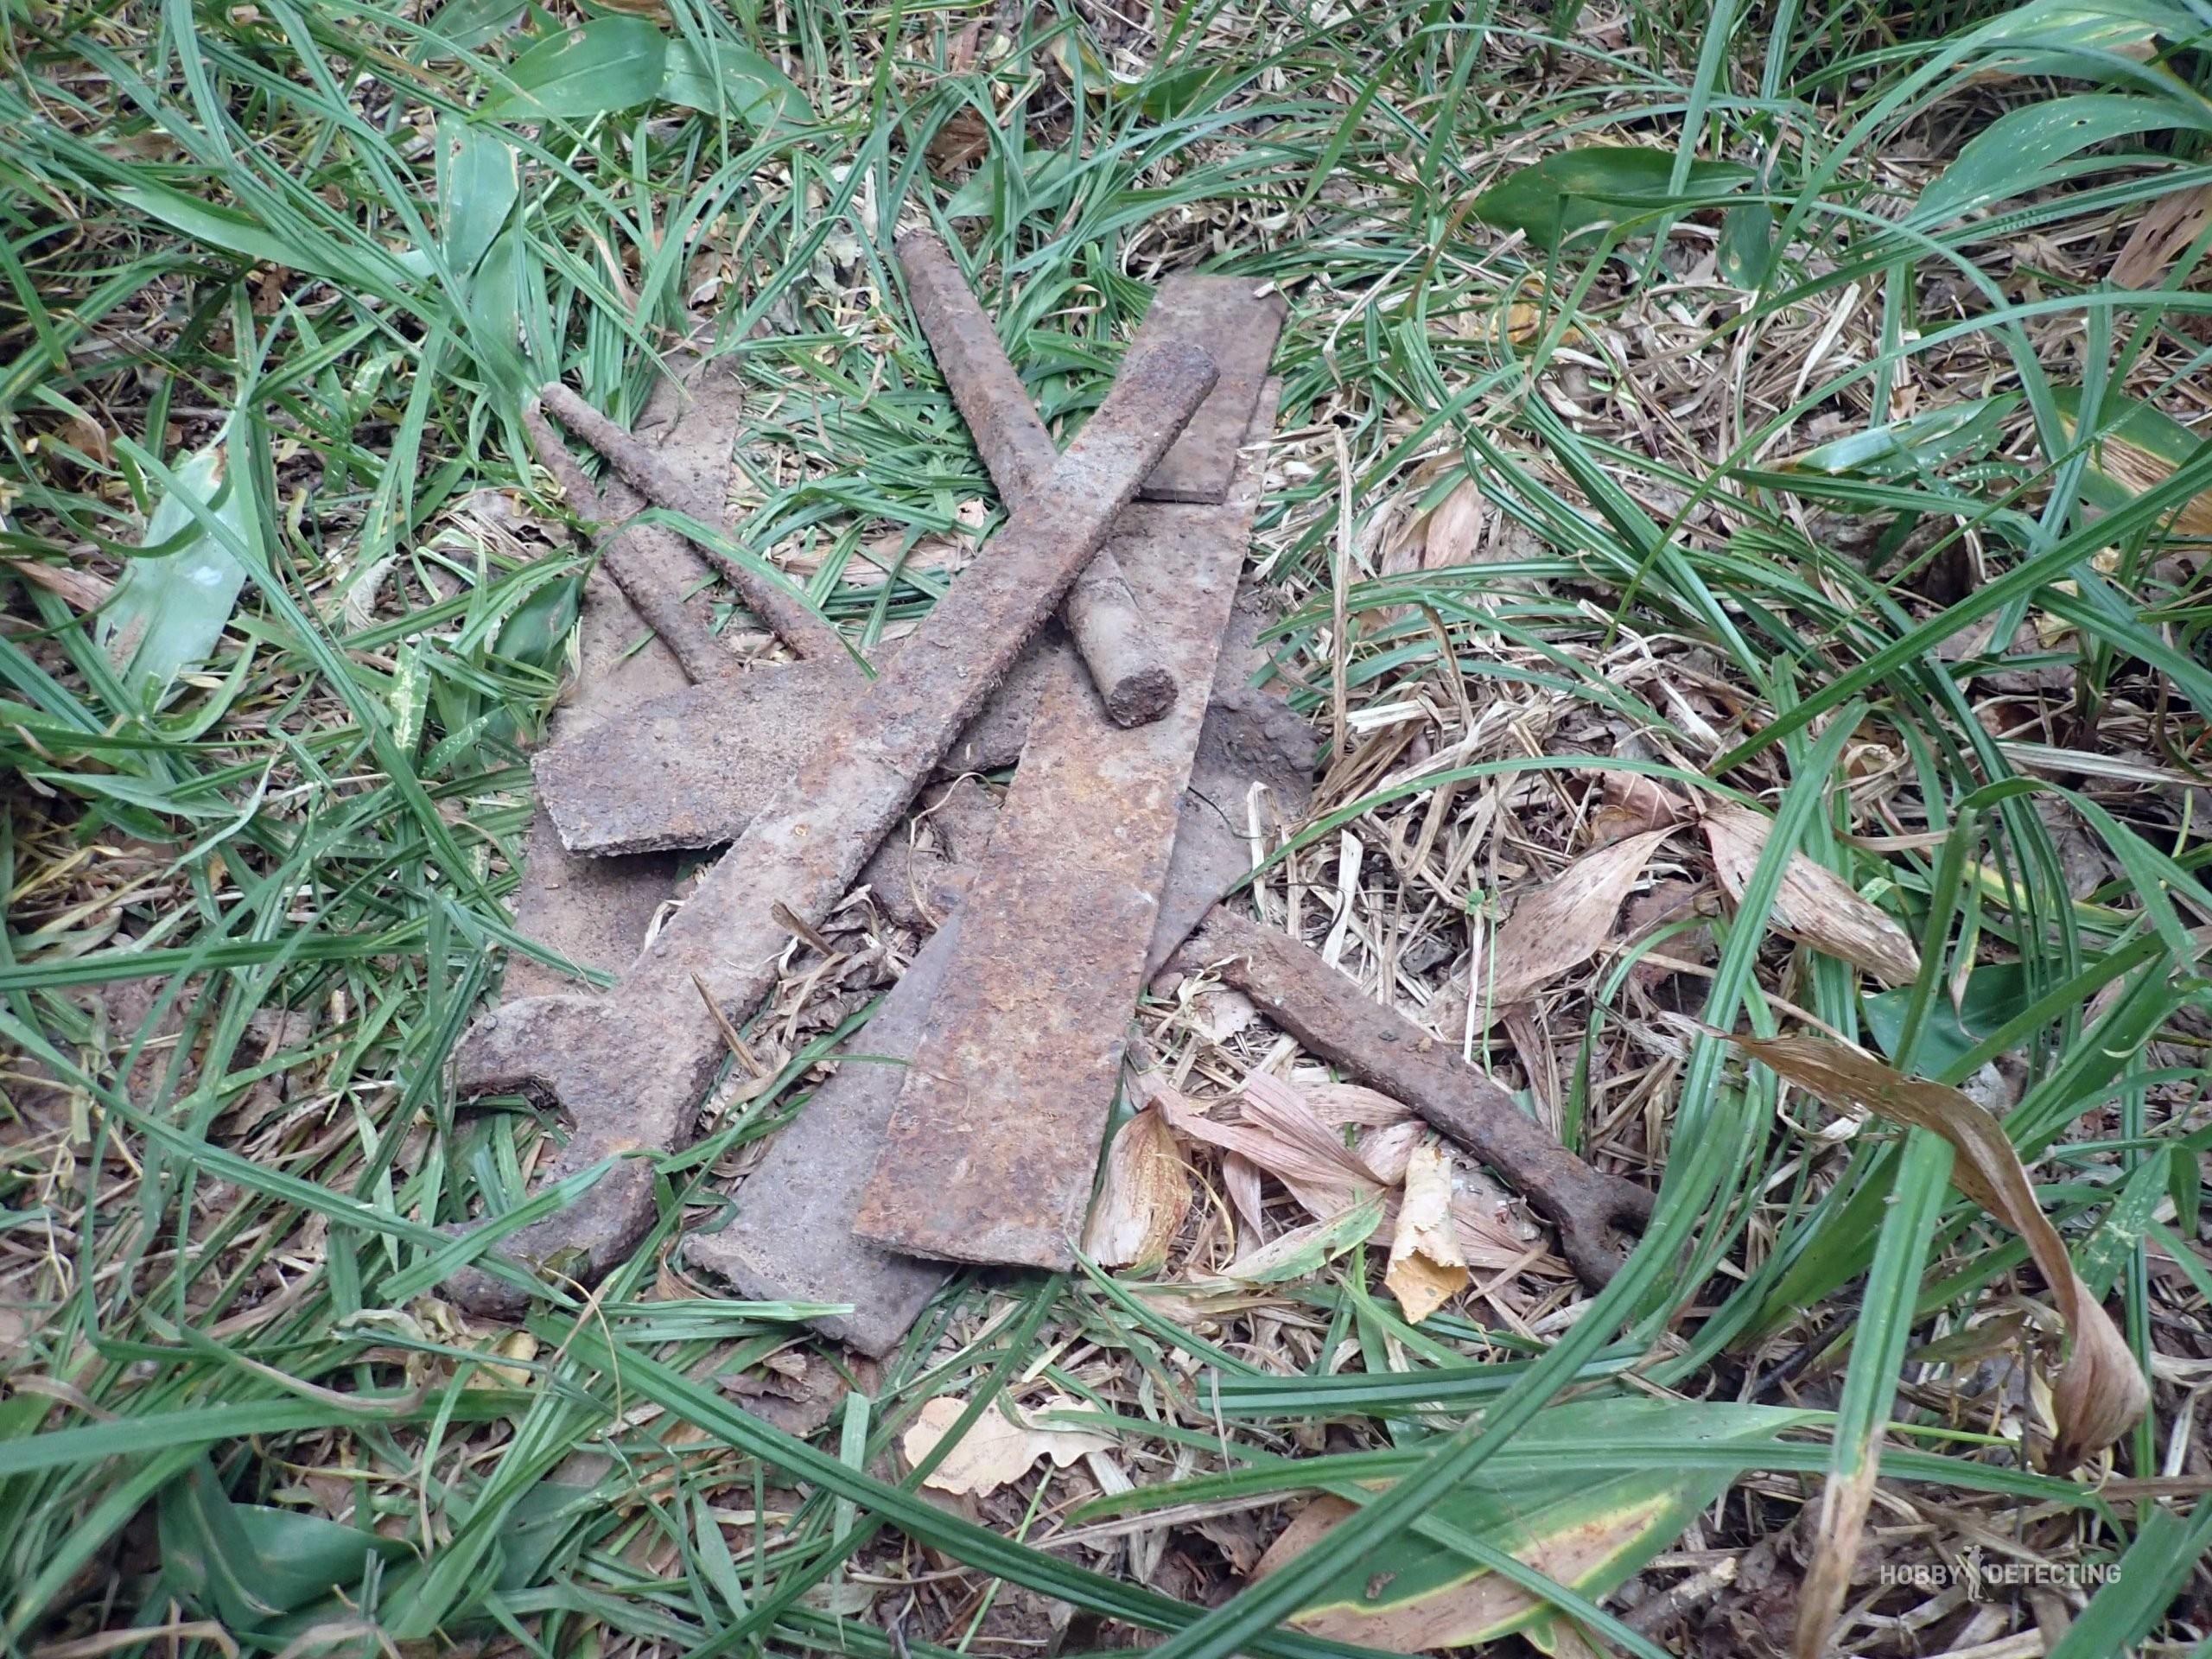 Нашли в лесу место где железо звенит на каждом шагу. День третий + фото